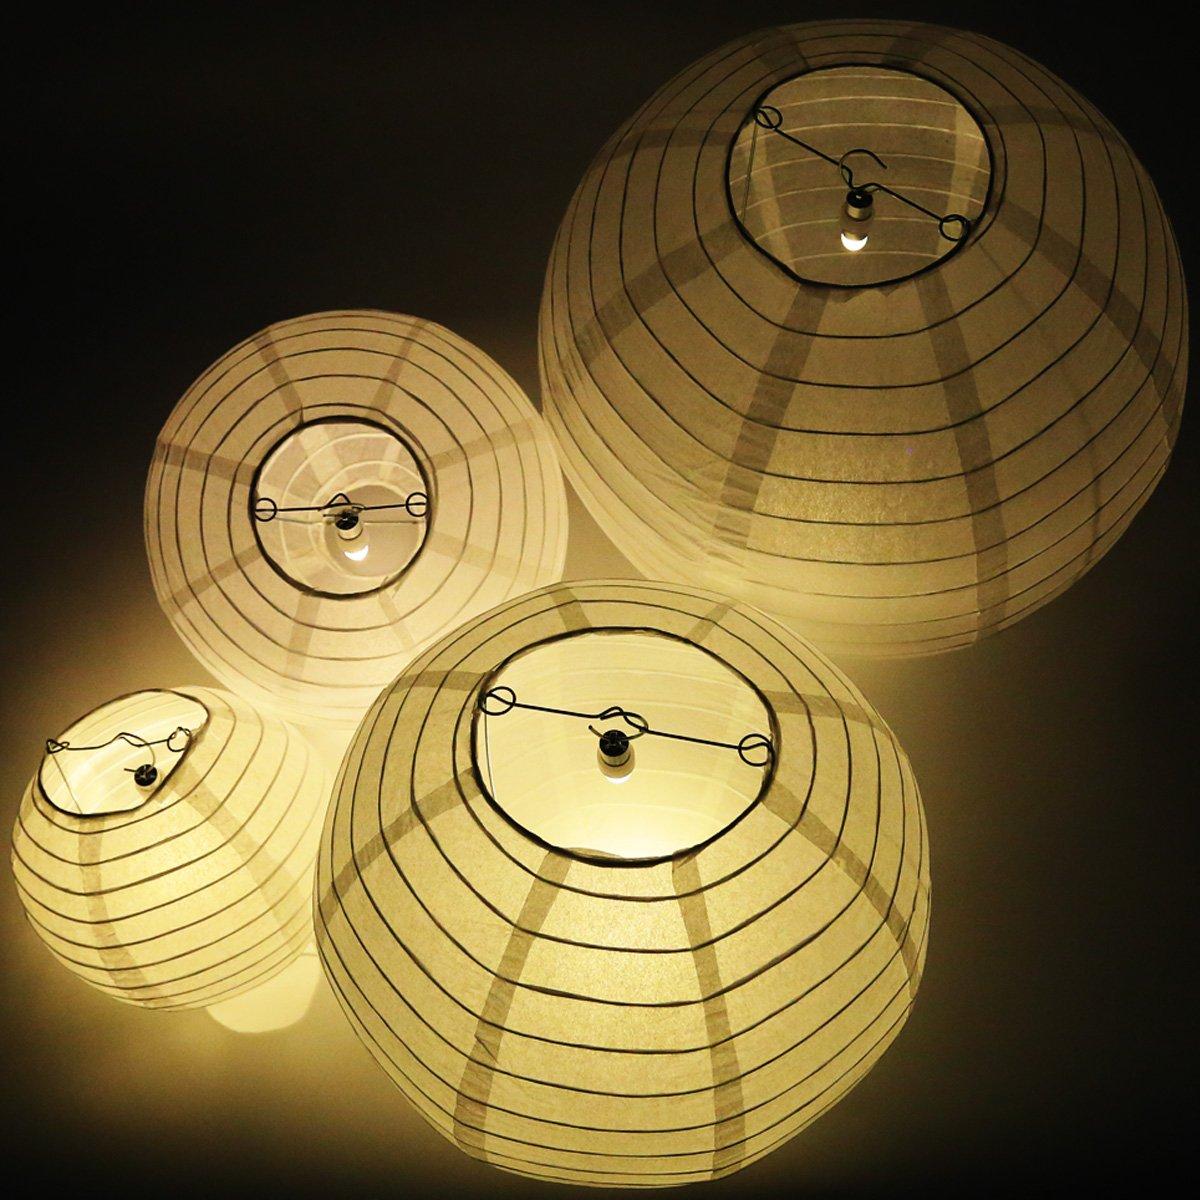 yiJiA Confezione Risparmio da 12 Lanterne di Carta a LED Bianche per Una Perfetta Decorazione Estiva e Matrimonio in 4 Diverse Misure